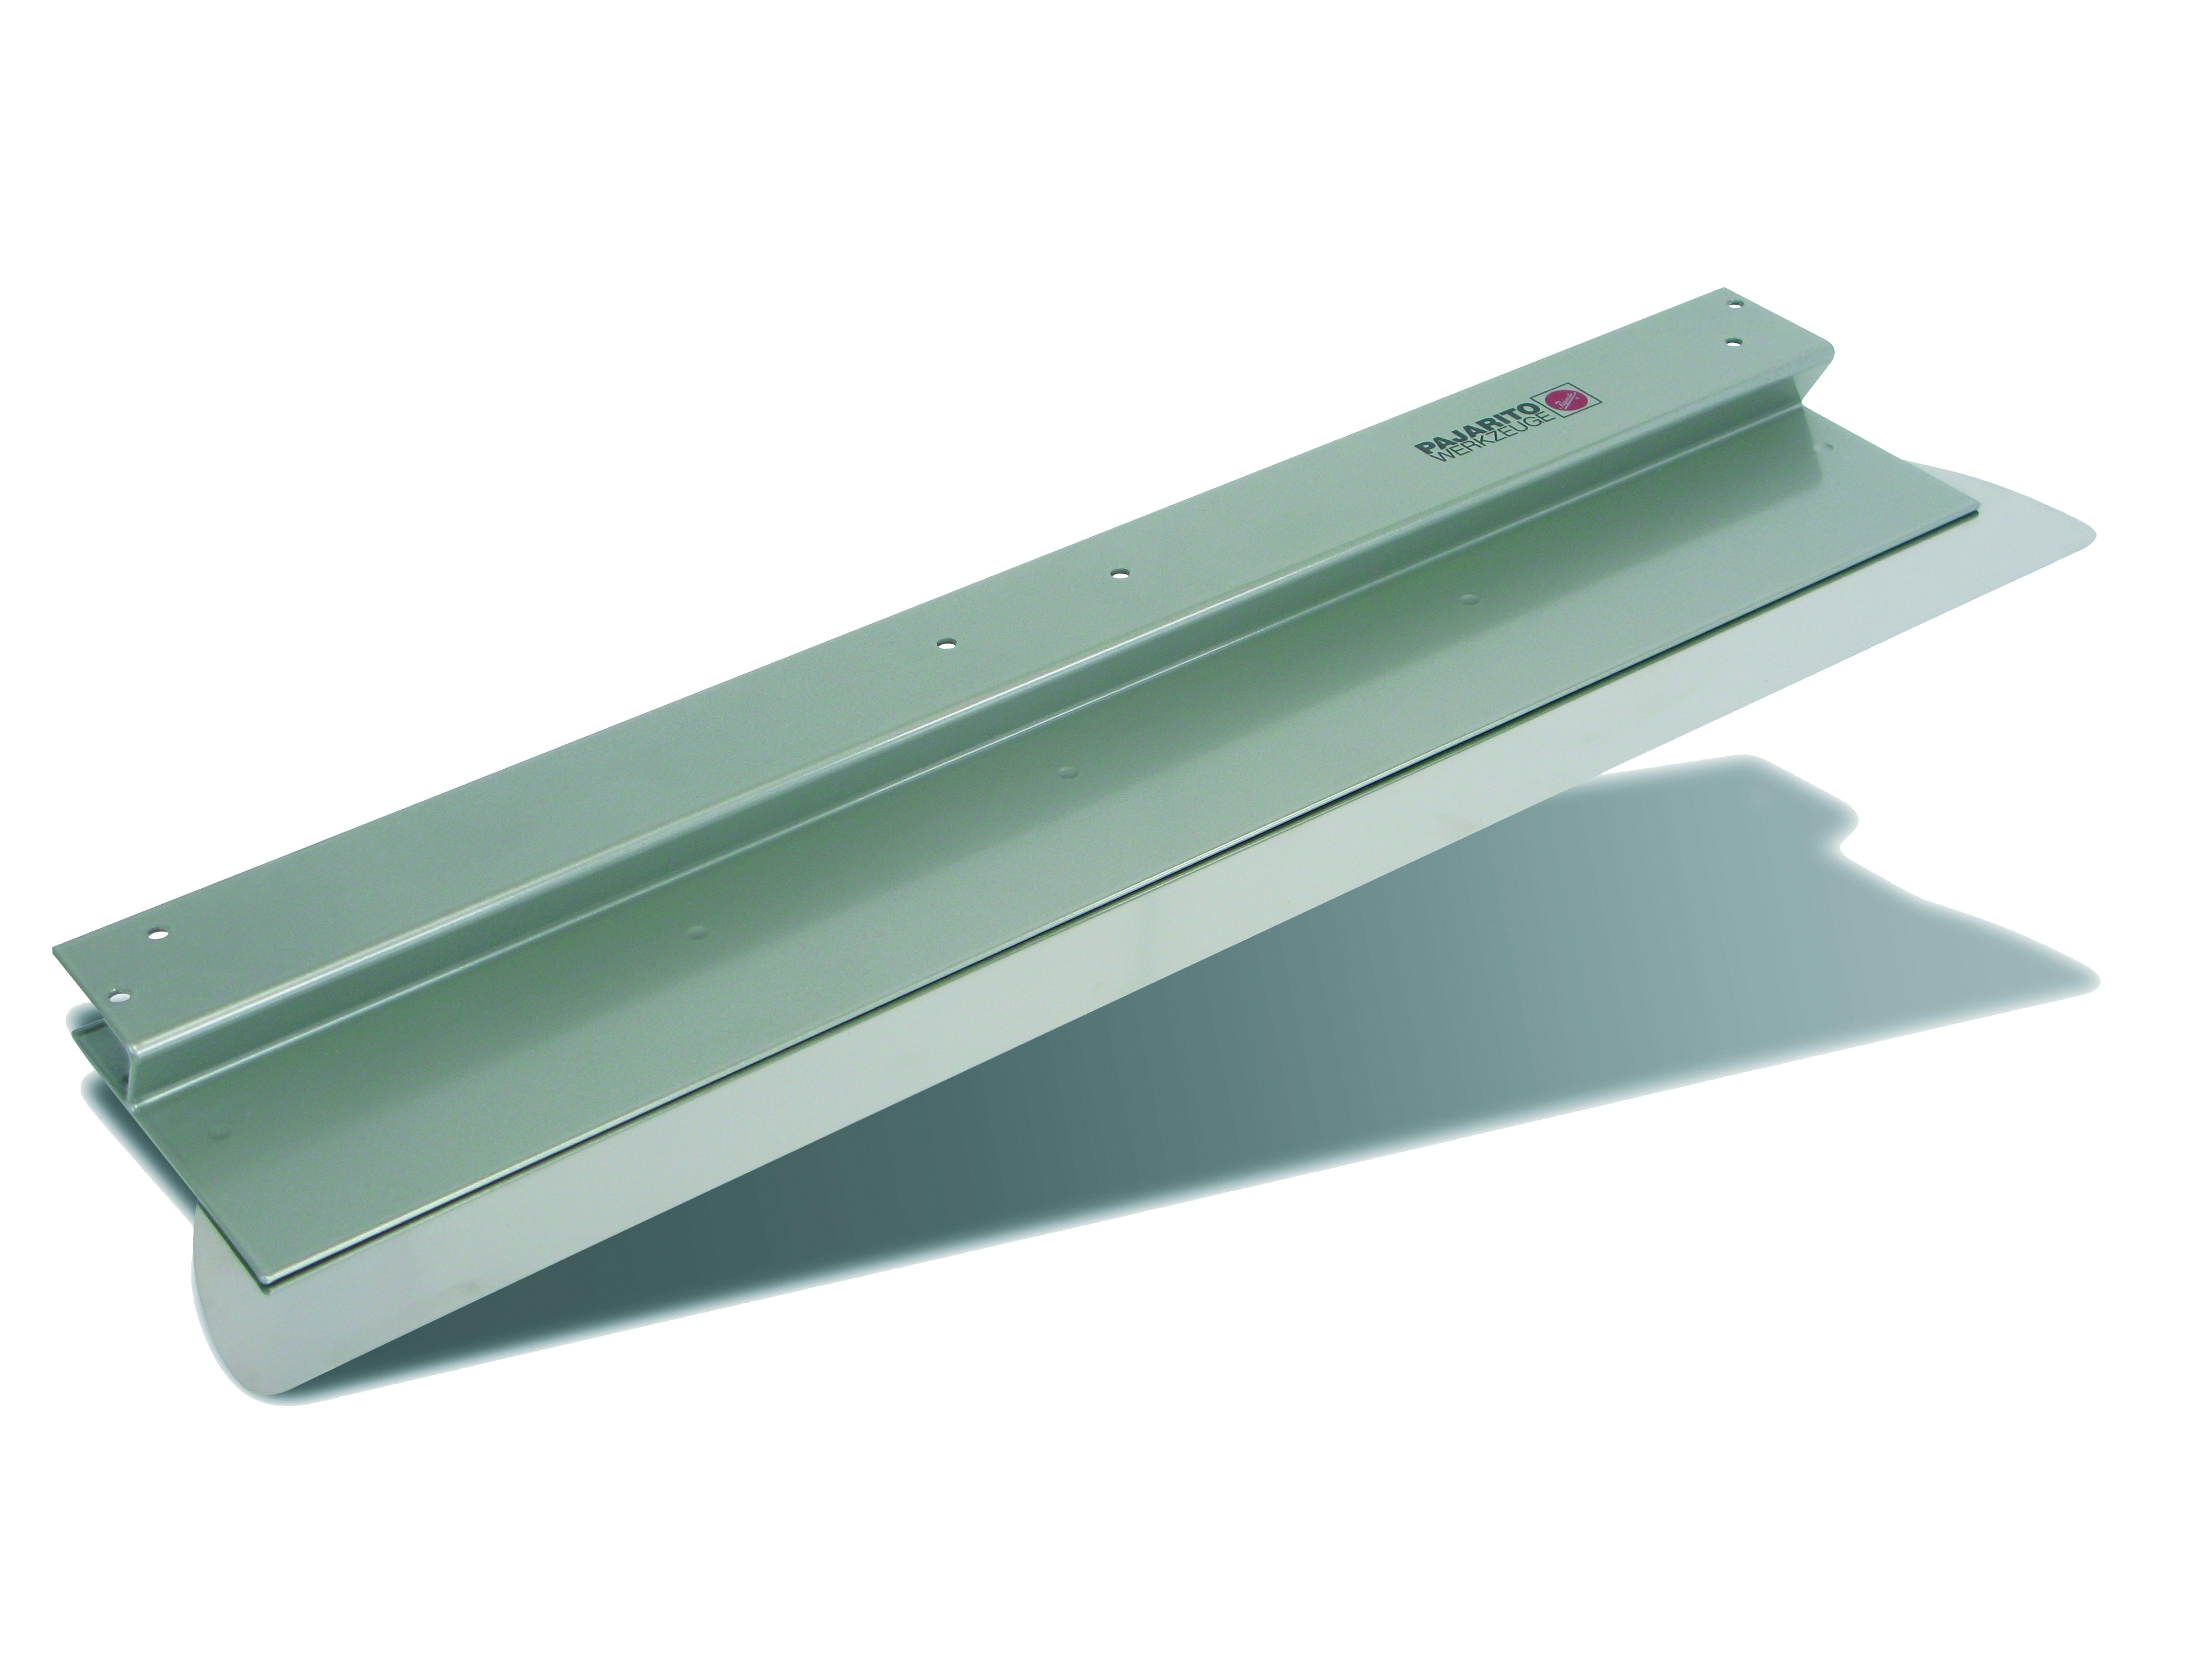 Špahtla za gletanje PAJAQUICK, 1000x80x0,5 mm, PAJARITO